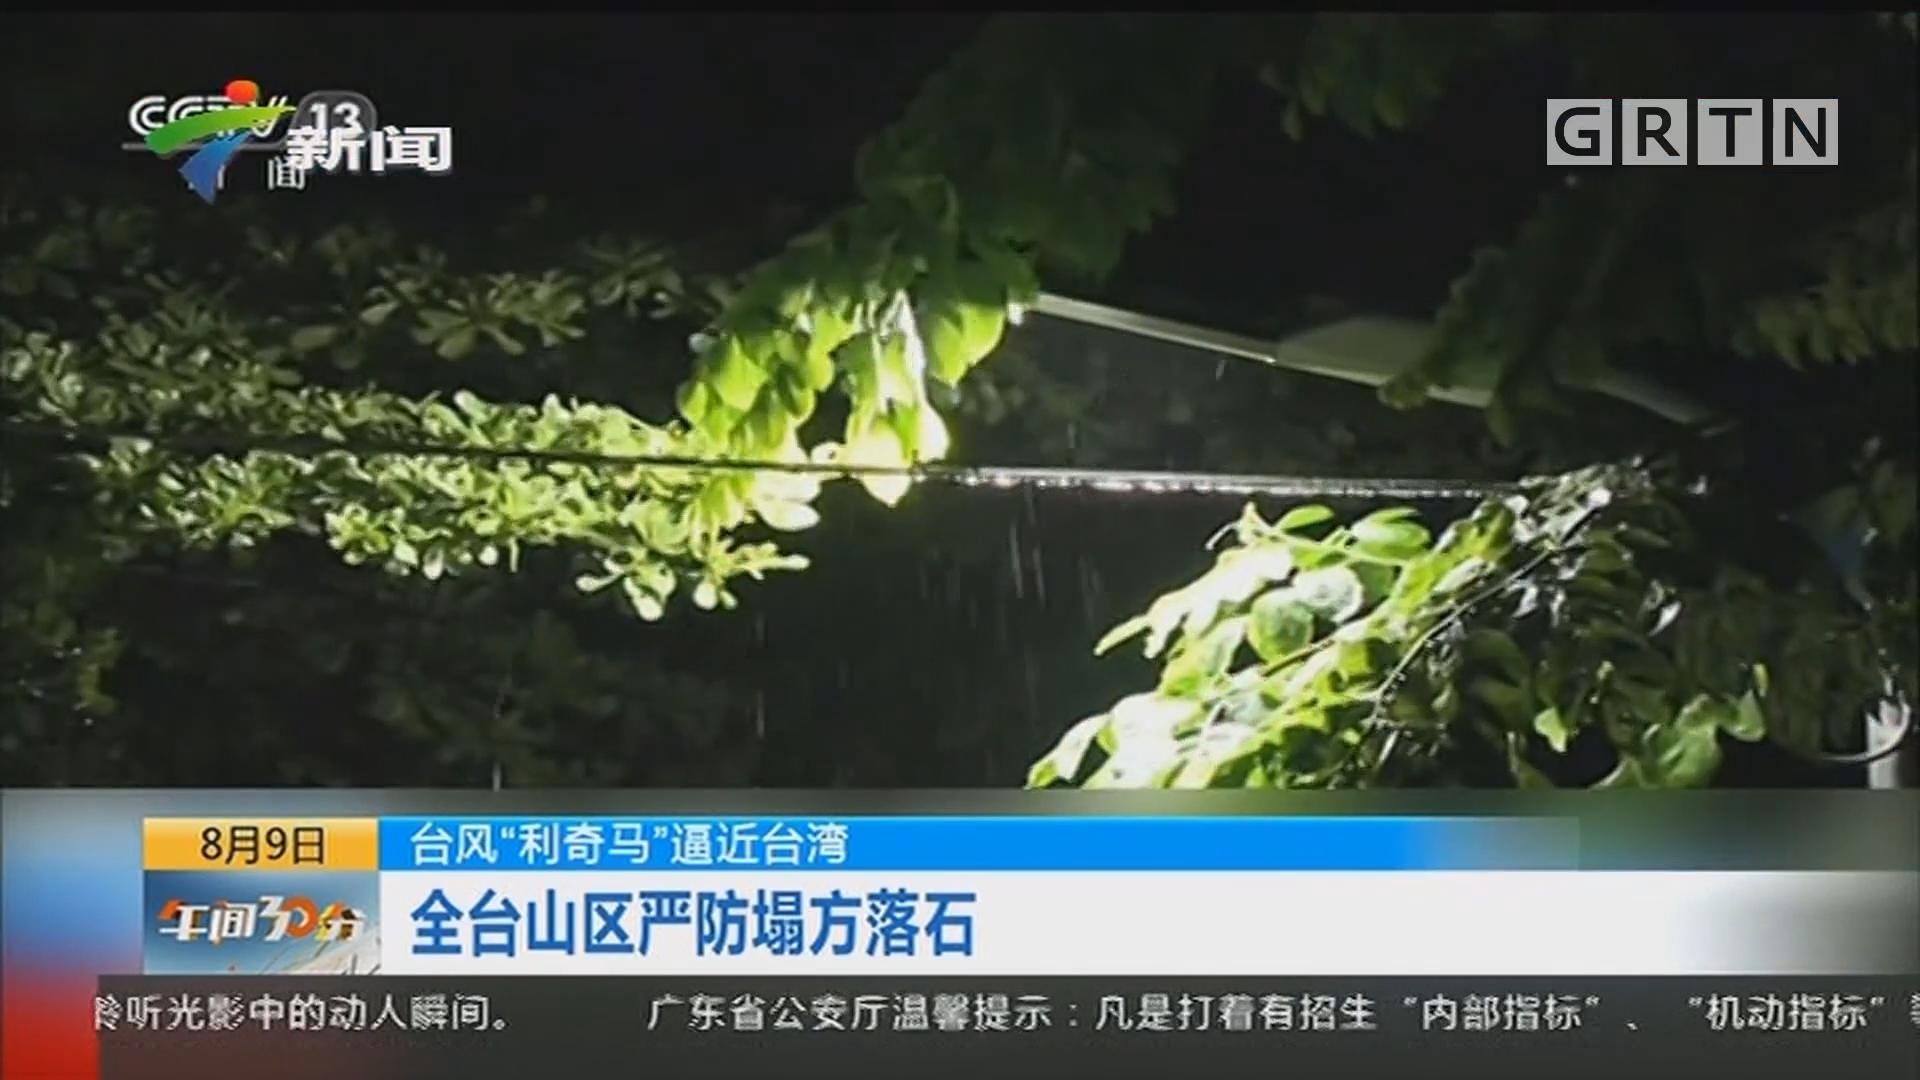 """台风""""利奇马""""逼近台湾:台湾北部风势雨势逐渐加强"""